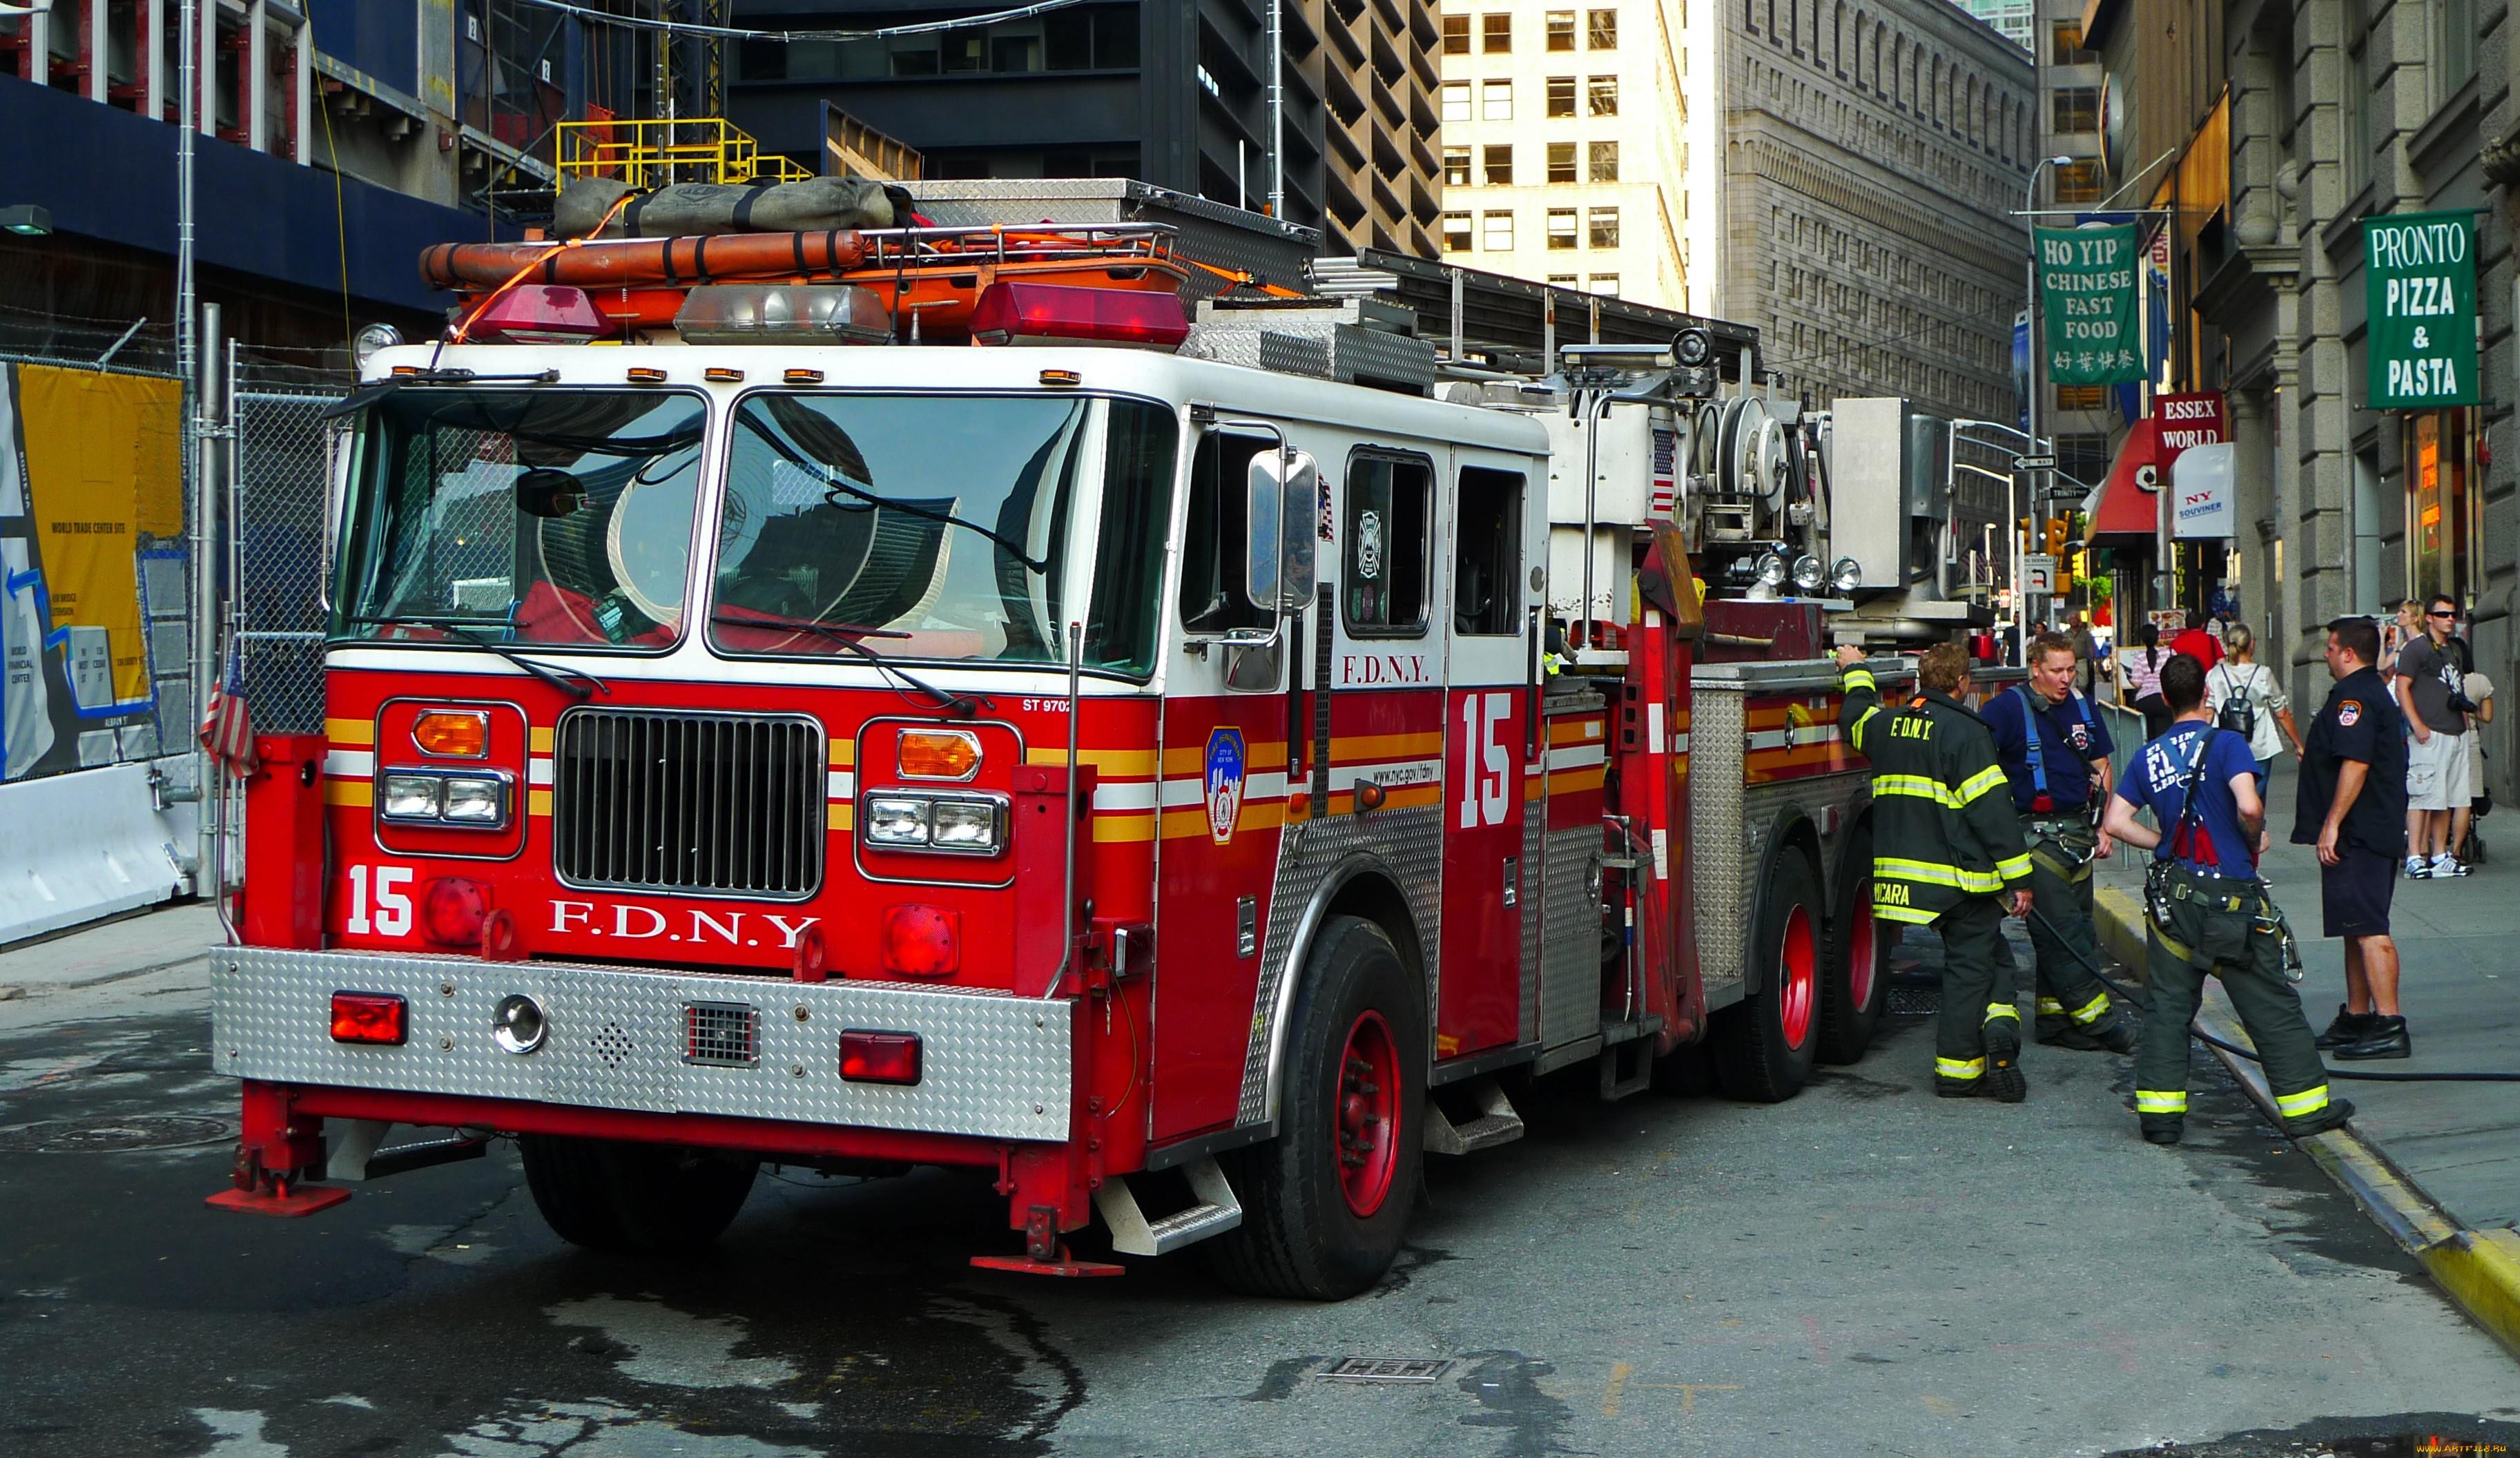 пожарные машины и пожарники картинки при таком раскладе